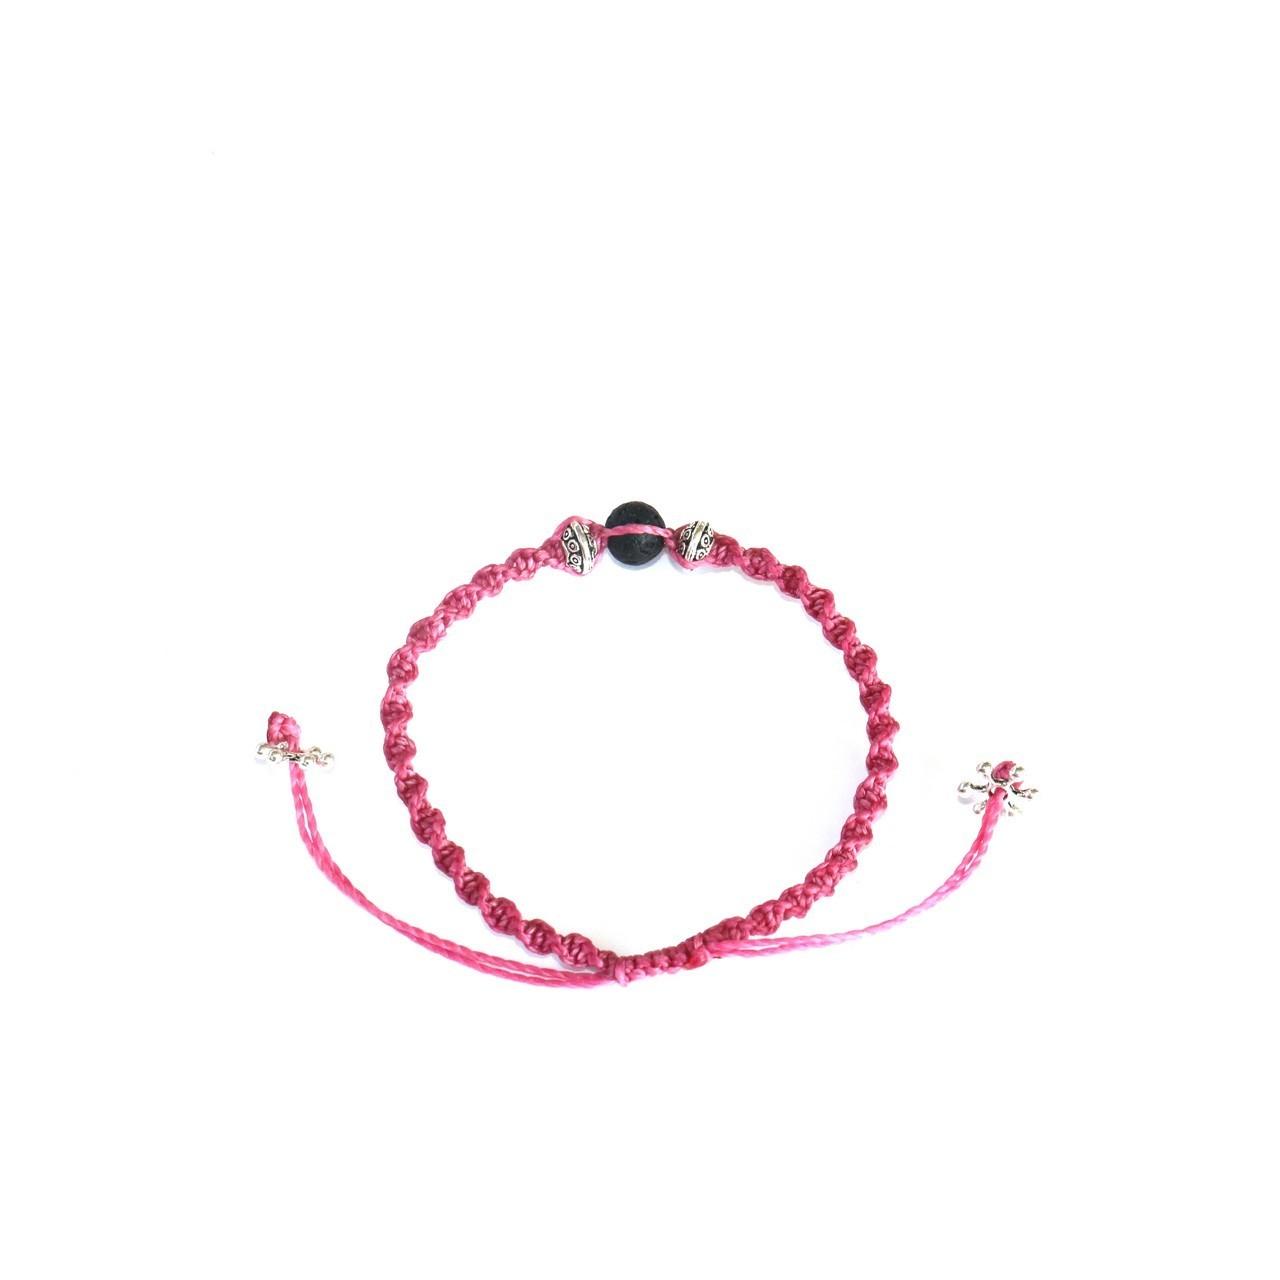 Show Love Diffuser Bracelet